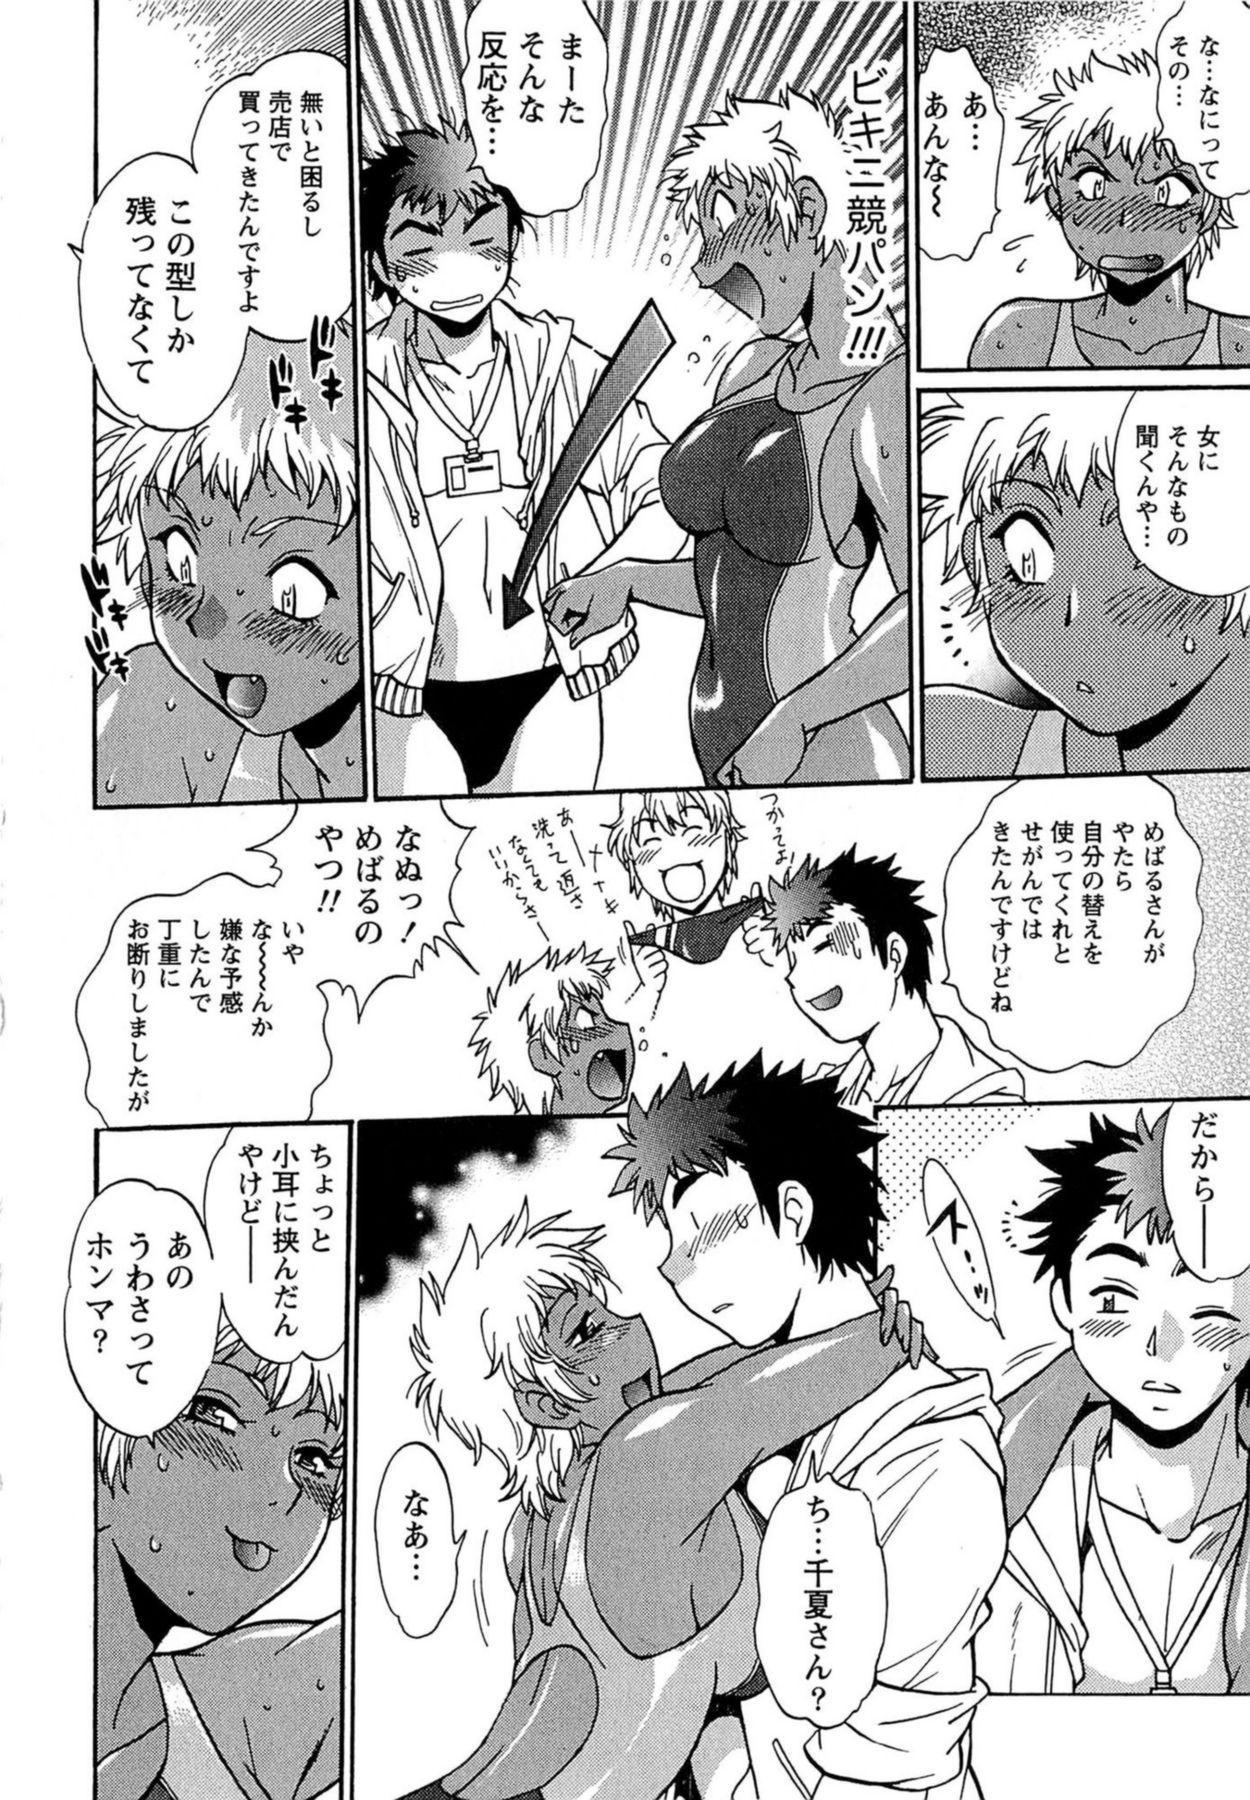 Kuikomi wo Naoshiteru Hima wa Nai! Vol. 1 190